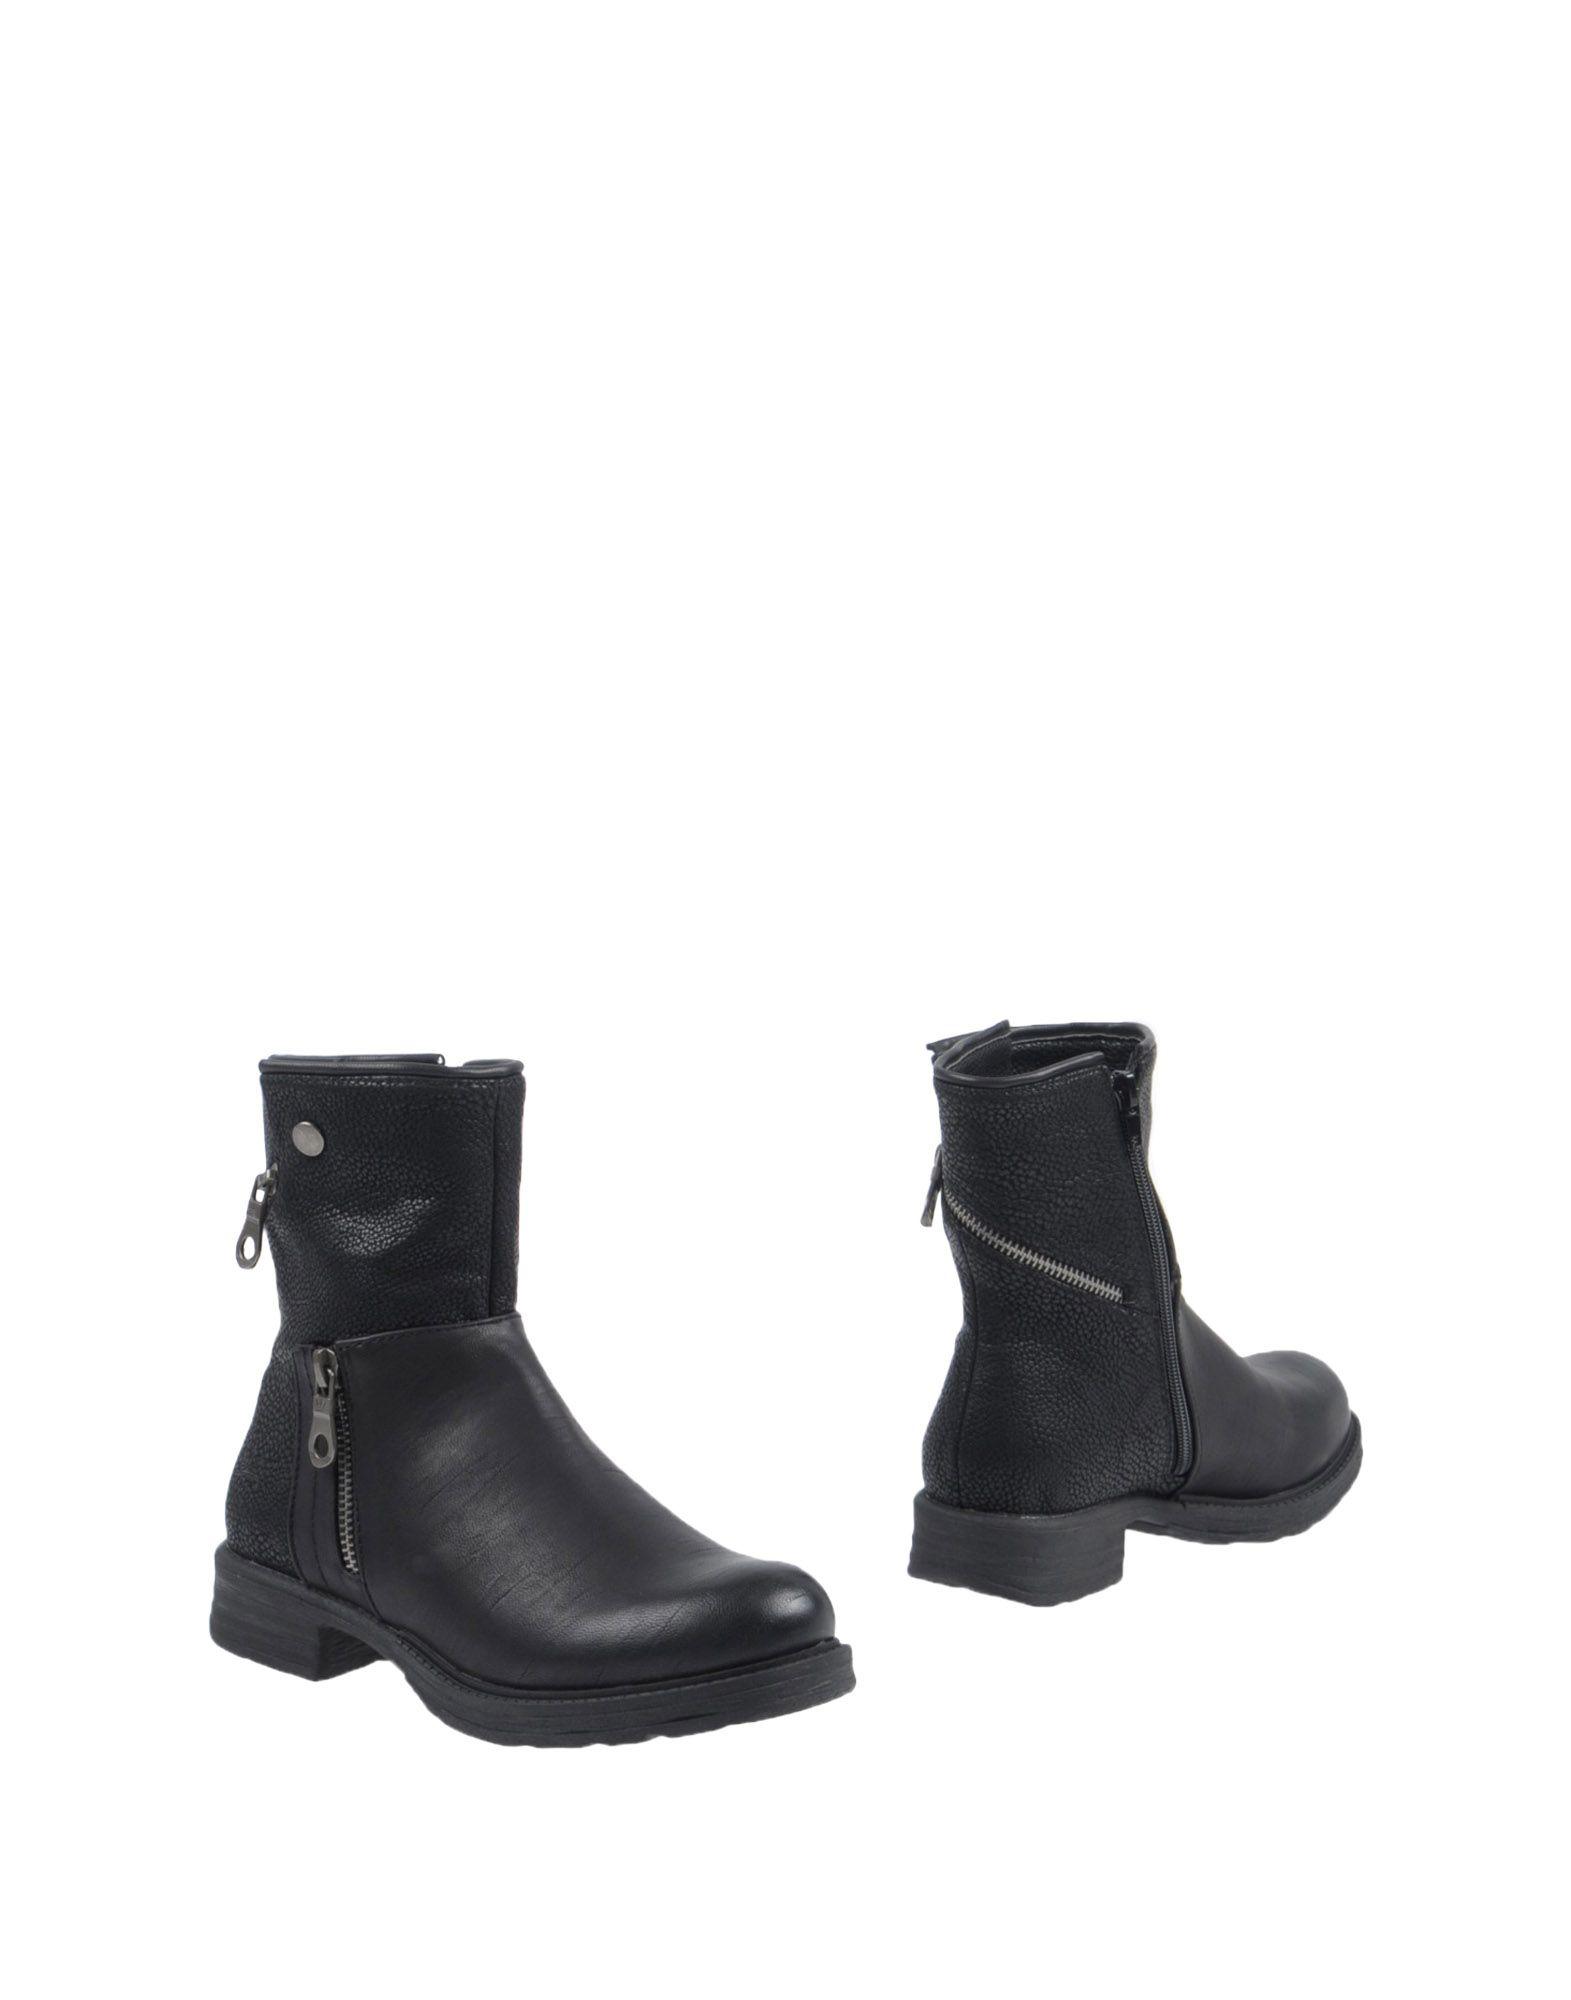 FRANCESCO MILANO Полусапоги и высокие ботинки francesco milano полусапоги и высокие ботинки